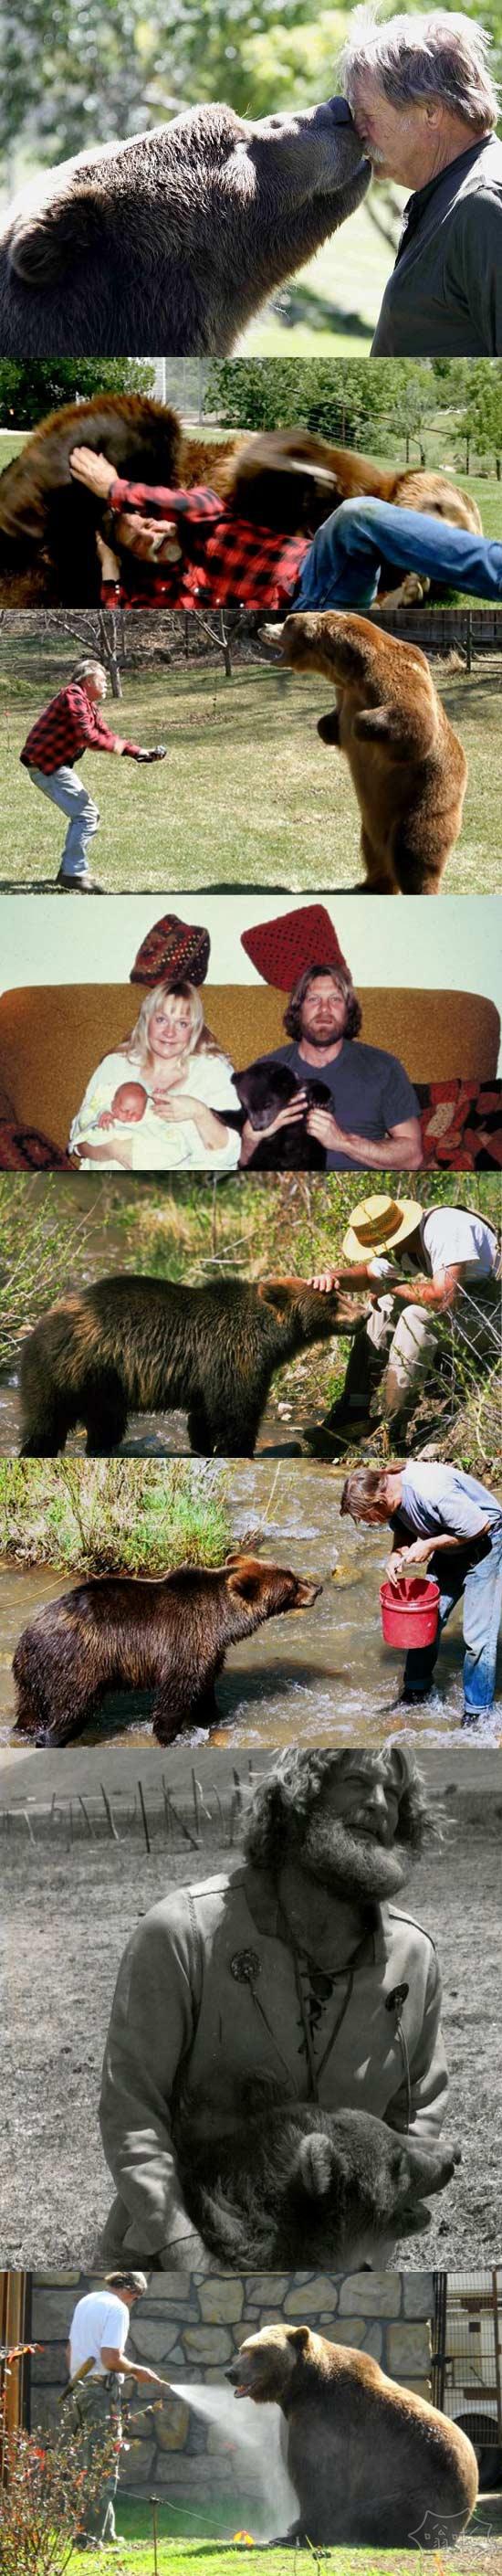 幕后:夫妇和他们家的电影明星灰熊之间的感人故事